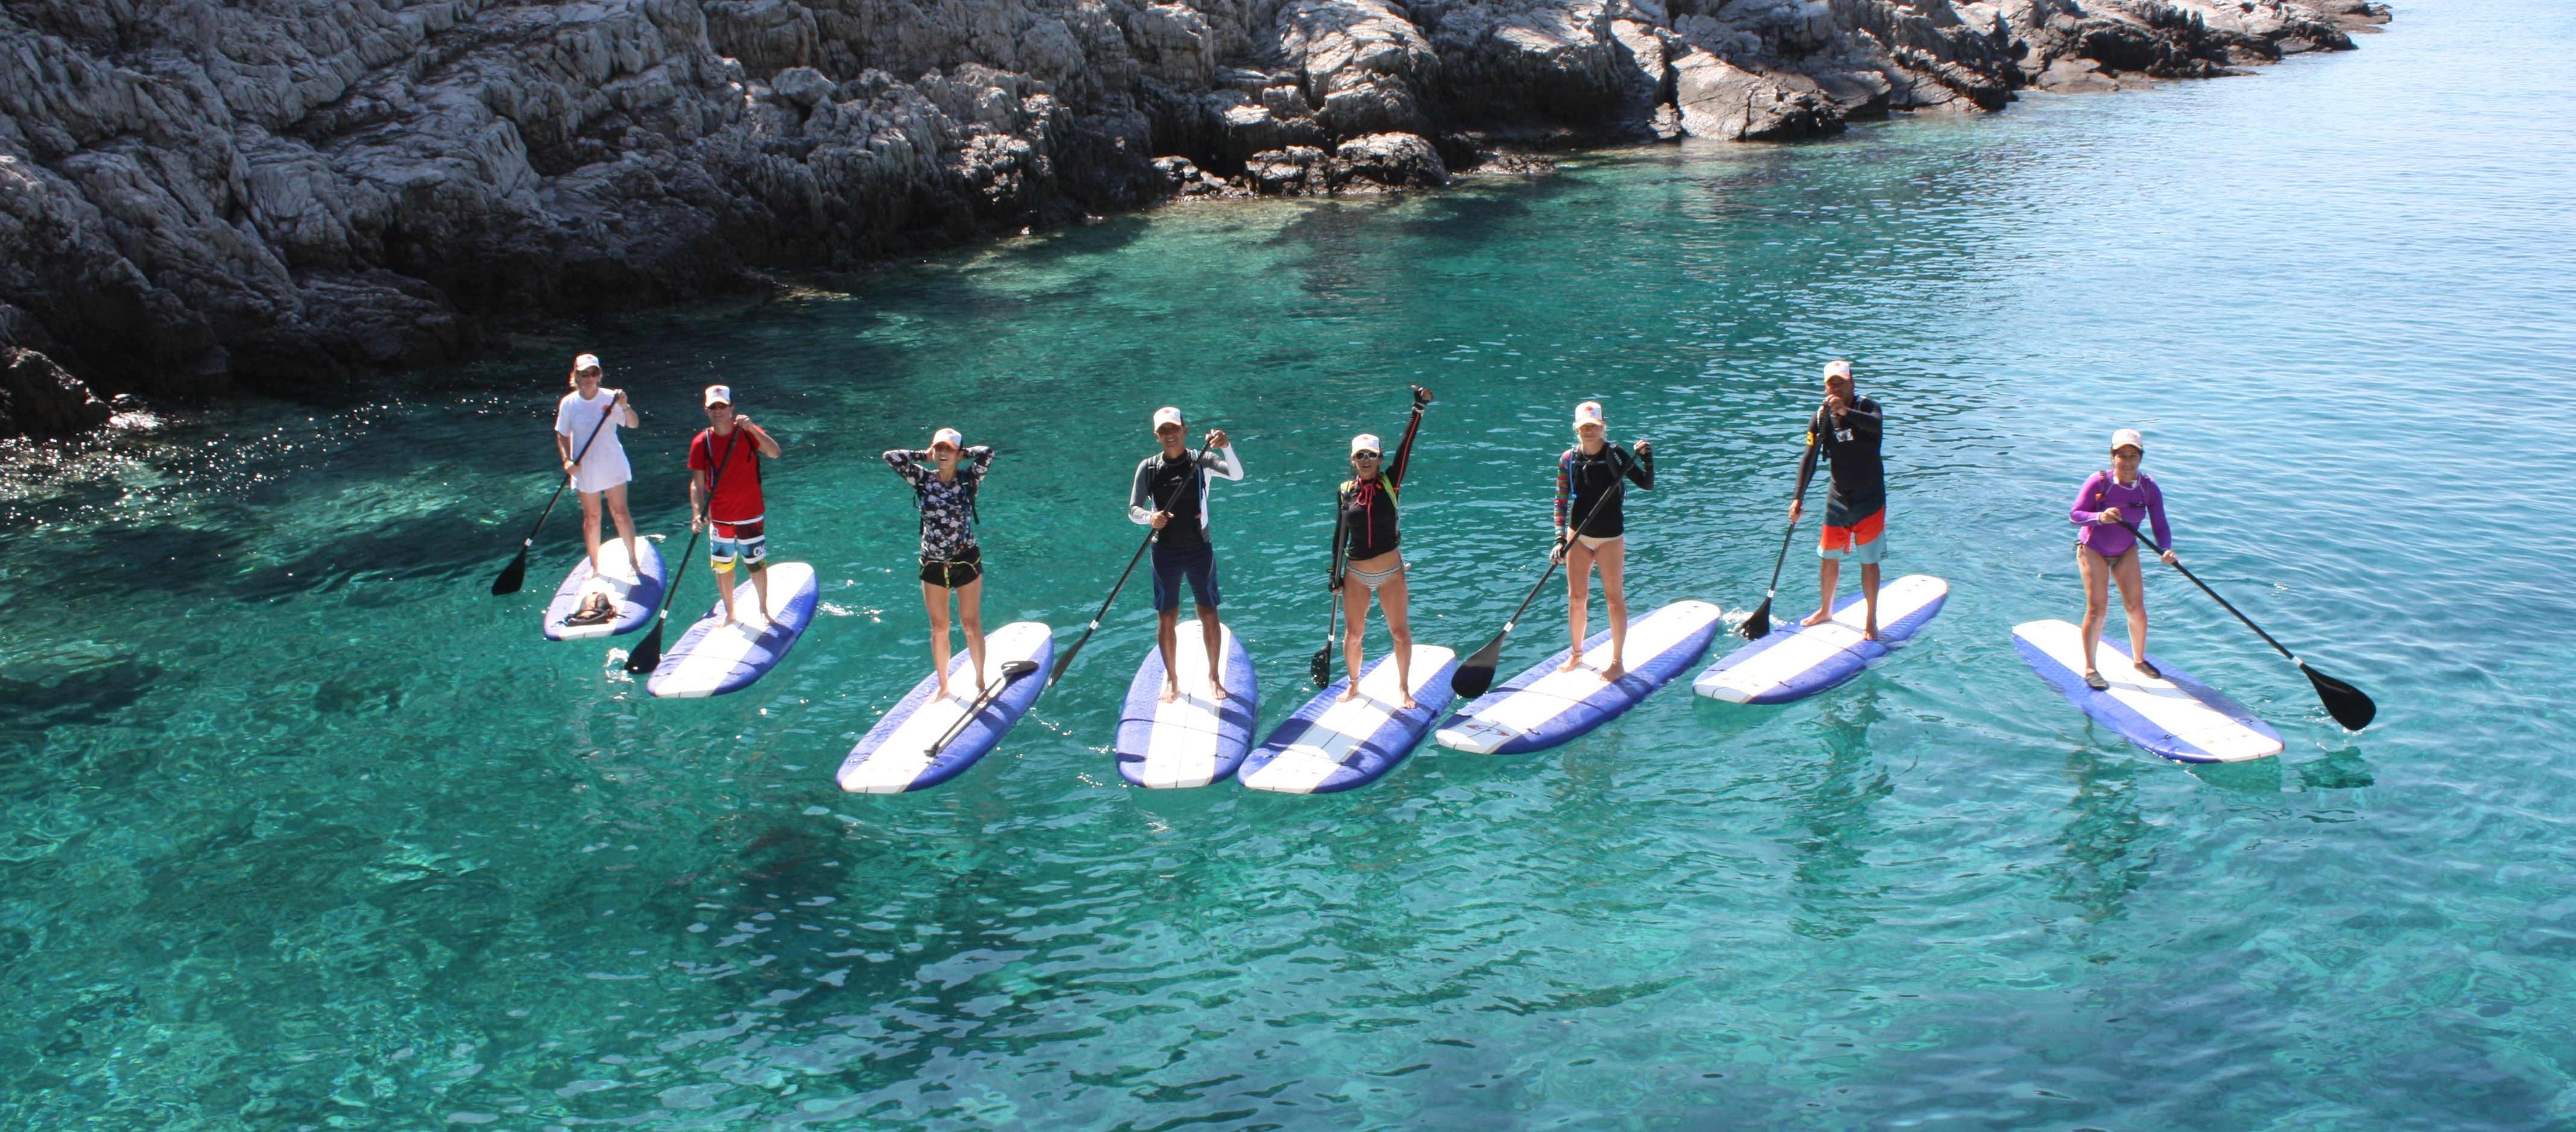 SUP in Croatian sea